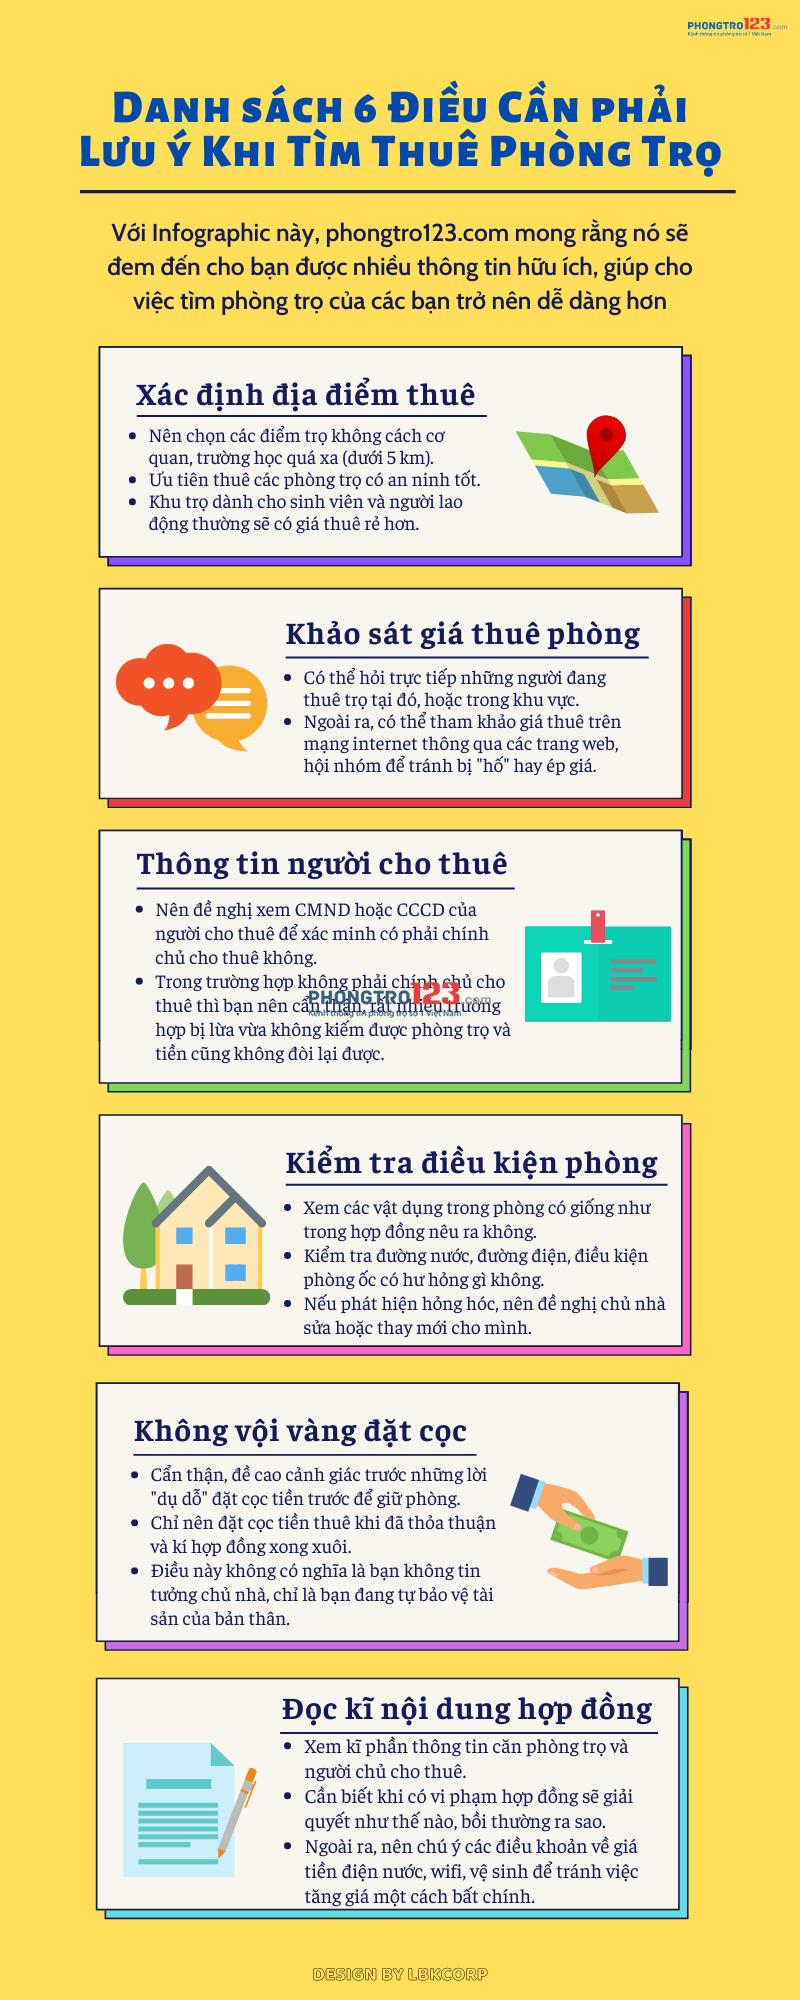 Infographic danh sách 6 điều cần phải lưu ý khi tìm thuê phòng trọ